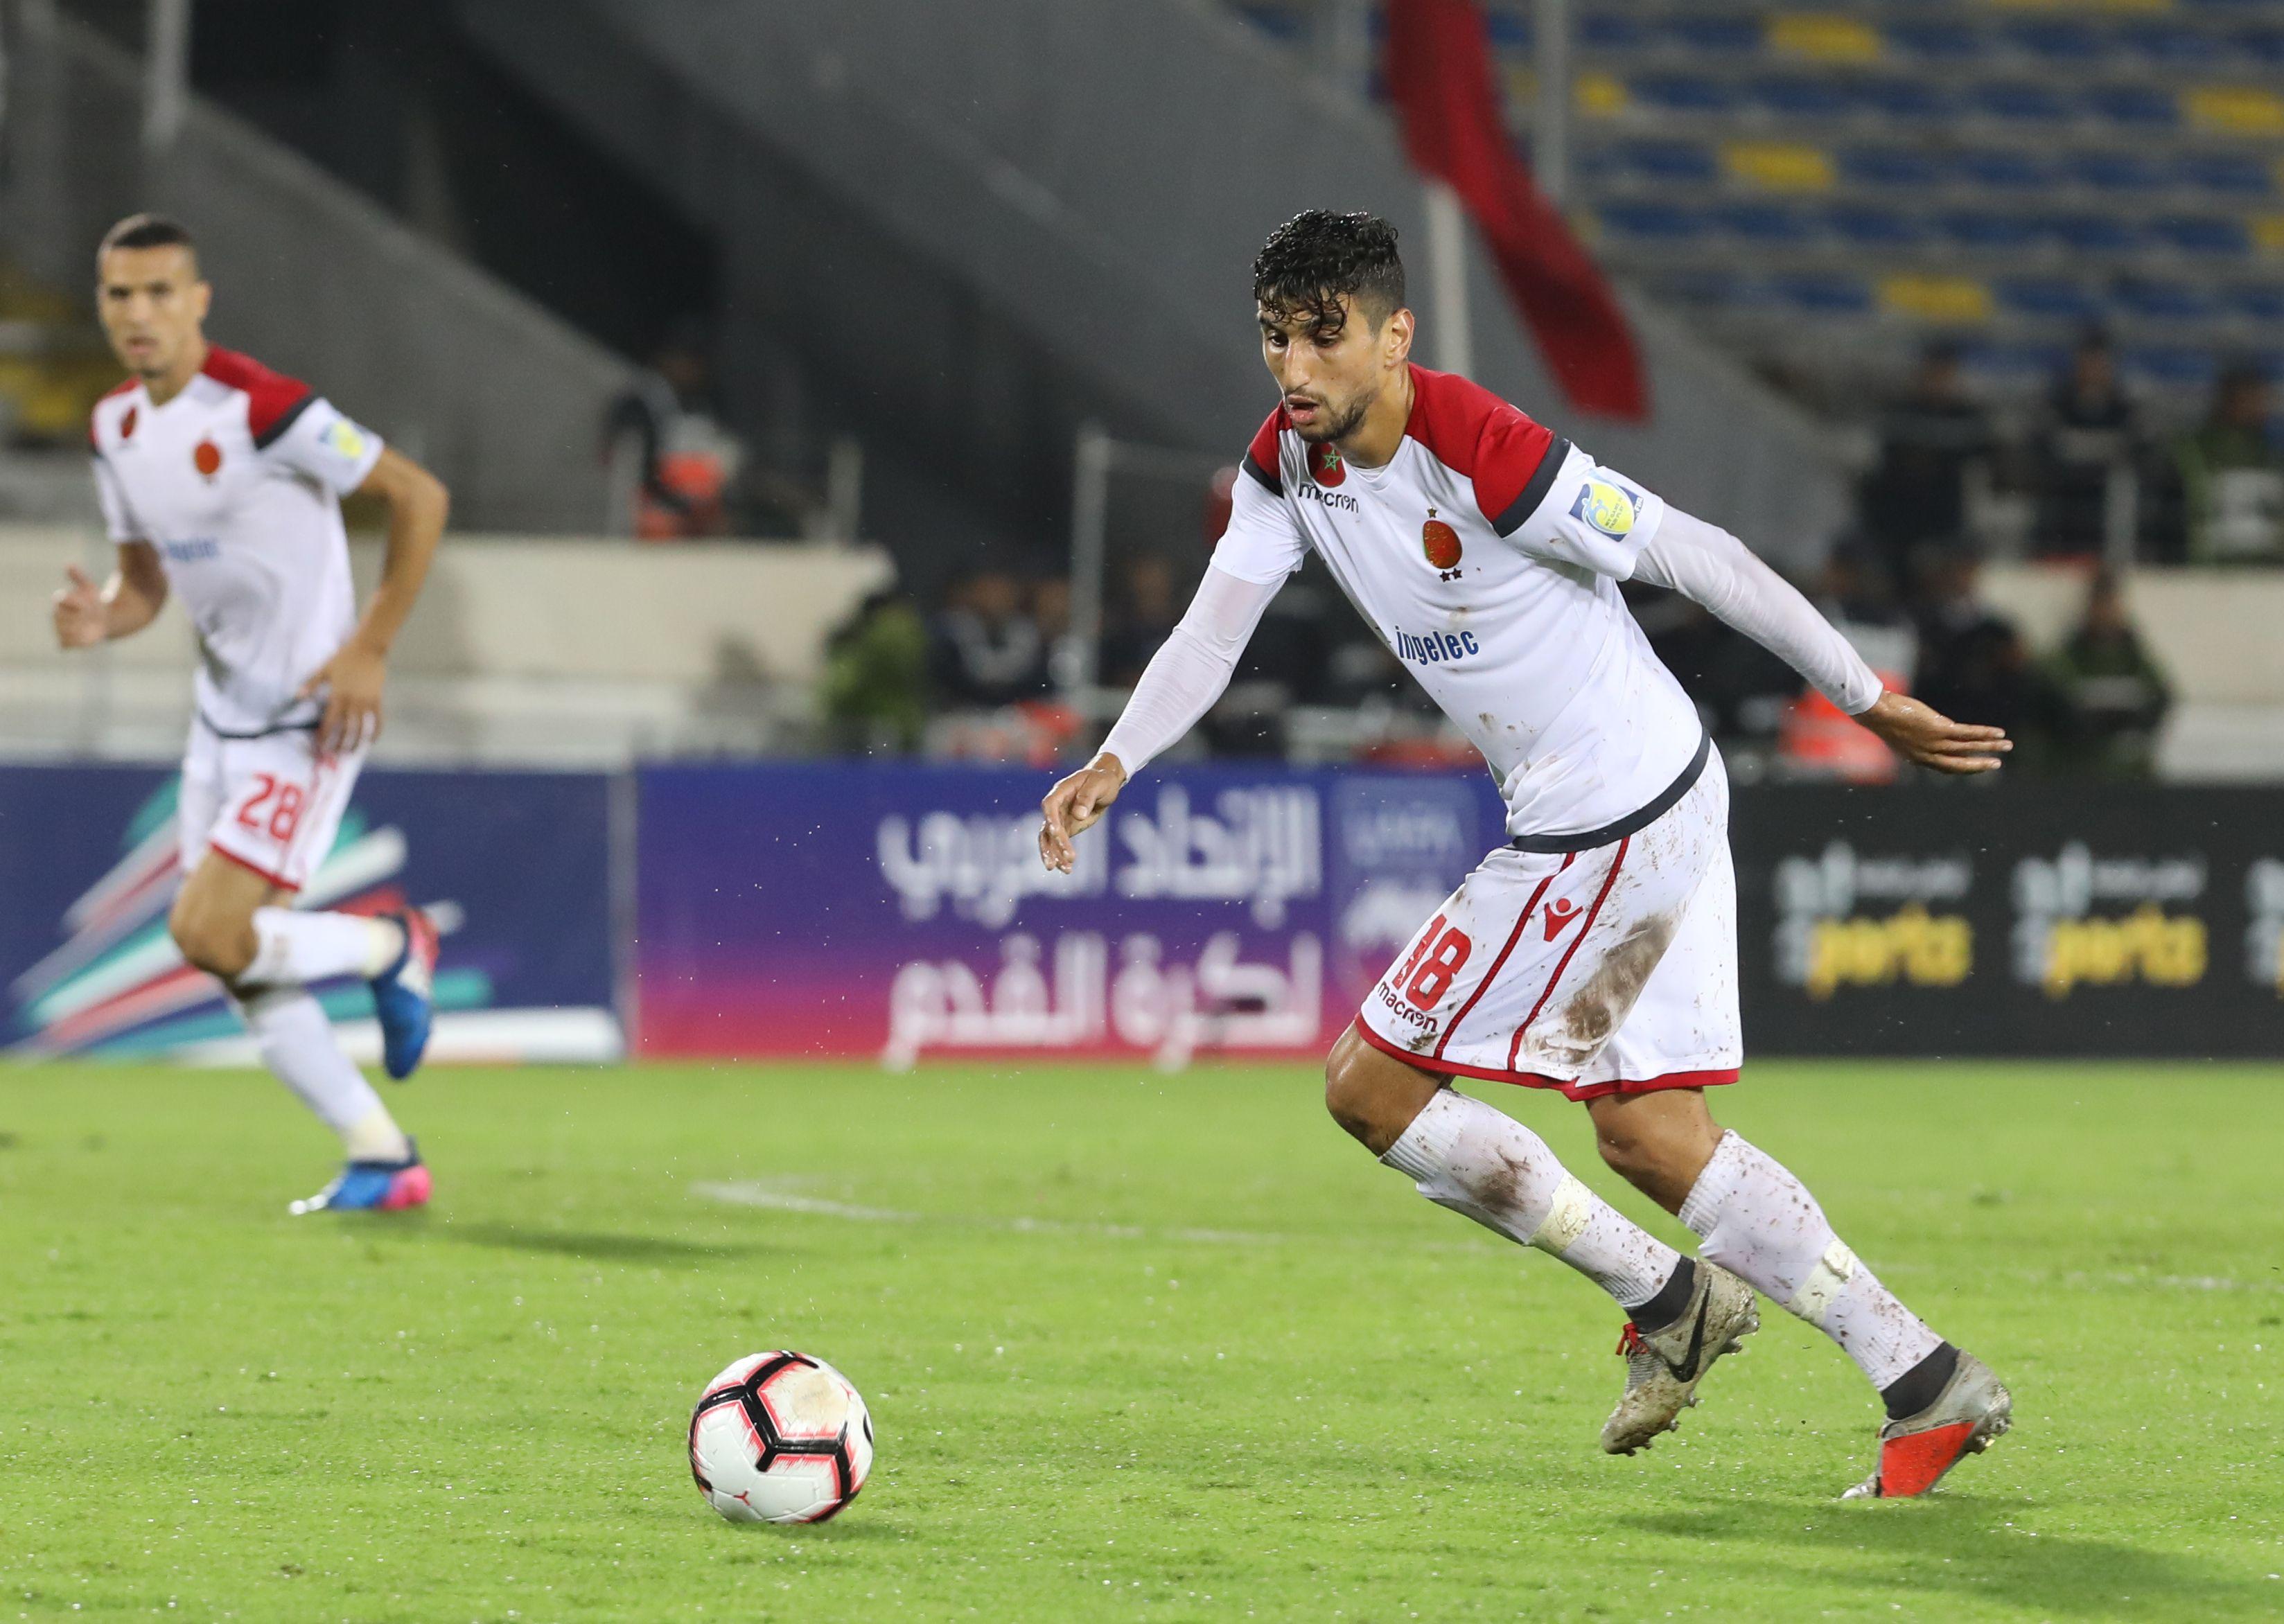 كأس محمد السادس: الكرتي ومتولي خضع لتدريبات خاصة